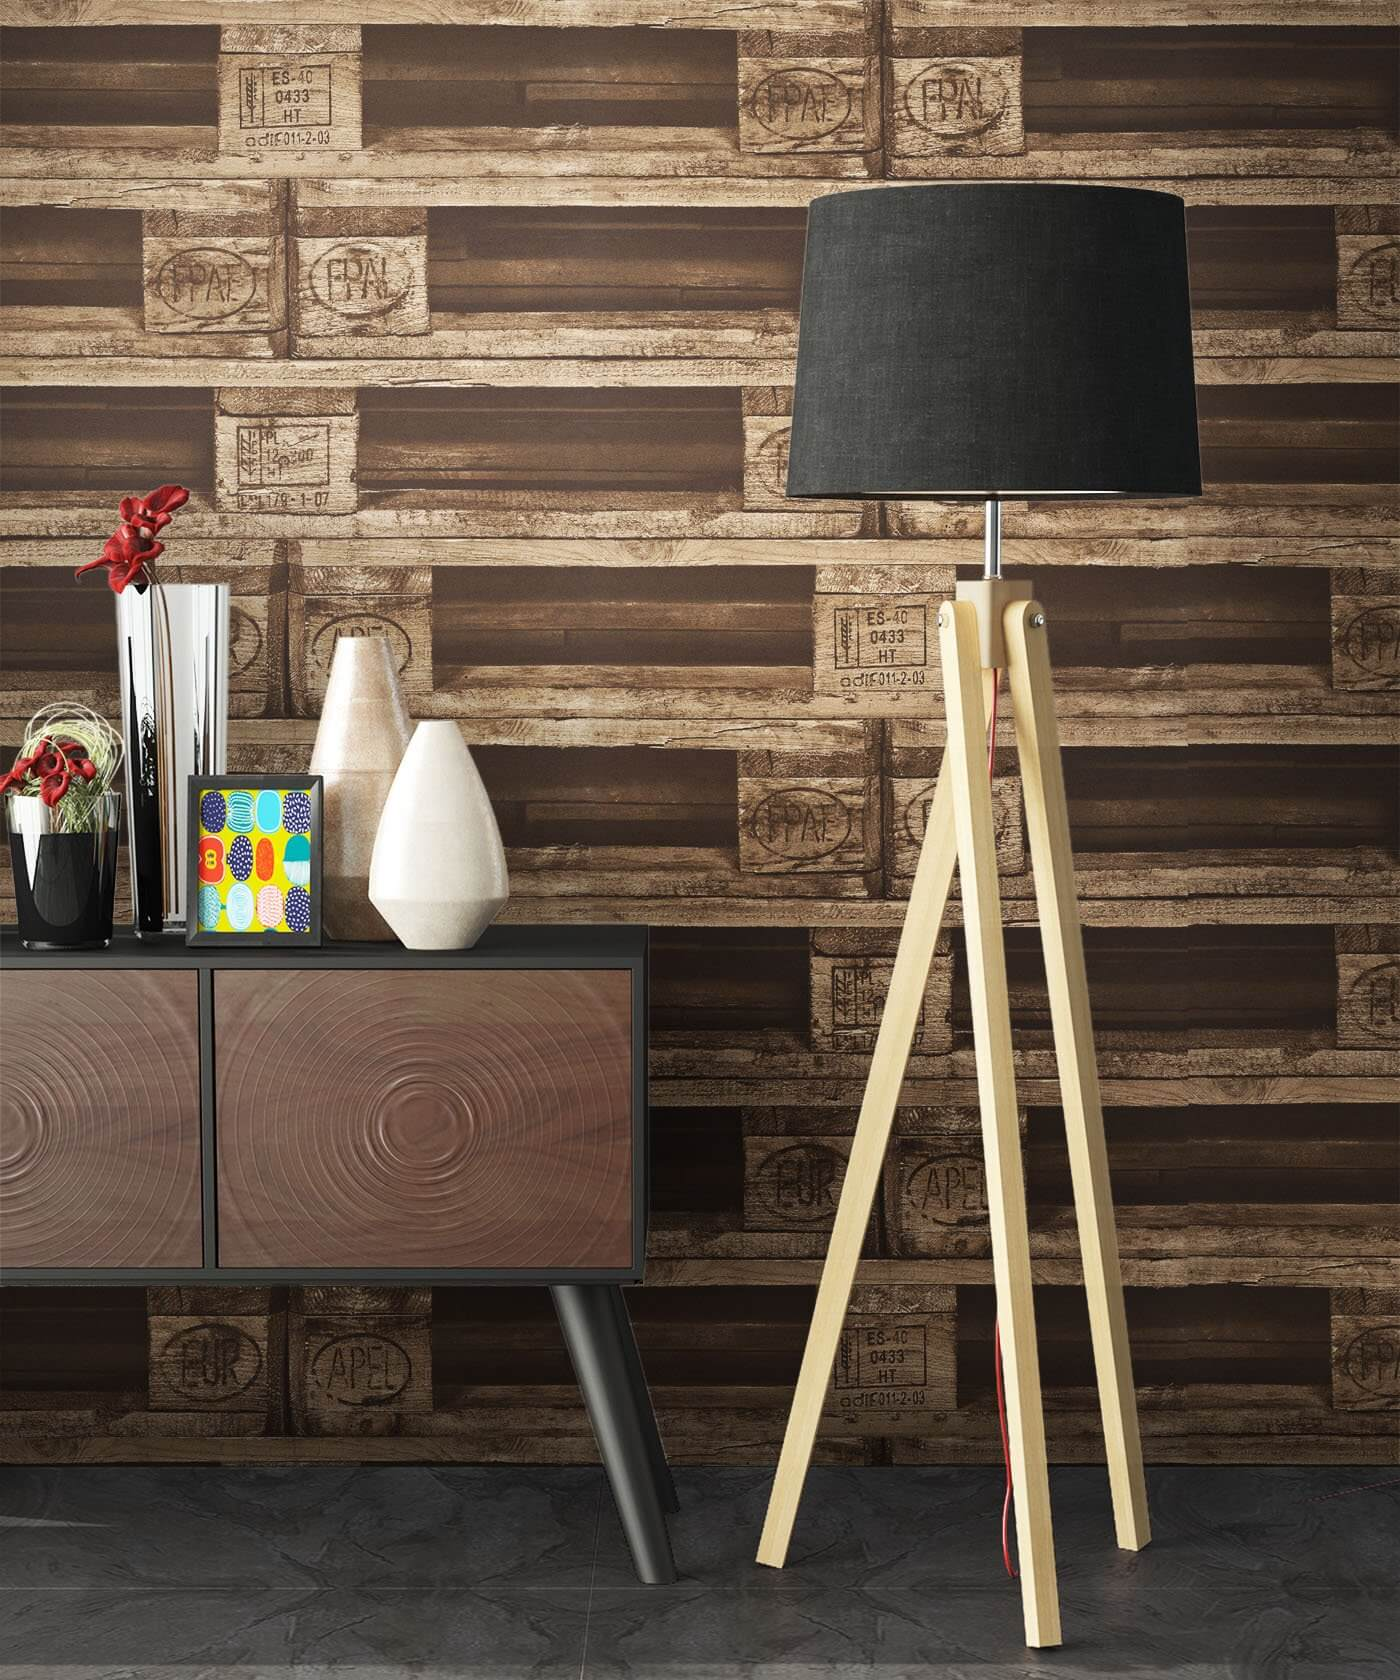 vliestapete braun landhaus europalette paletten wohnen schlafen k che diele newroom. Black Bedroom Furniture Sets. Home Design Ideas